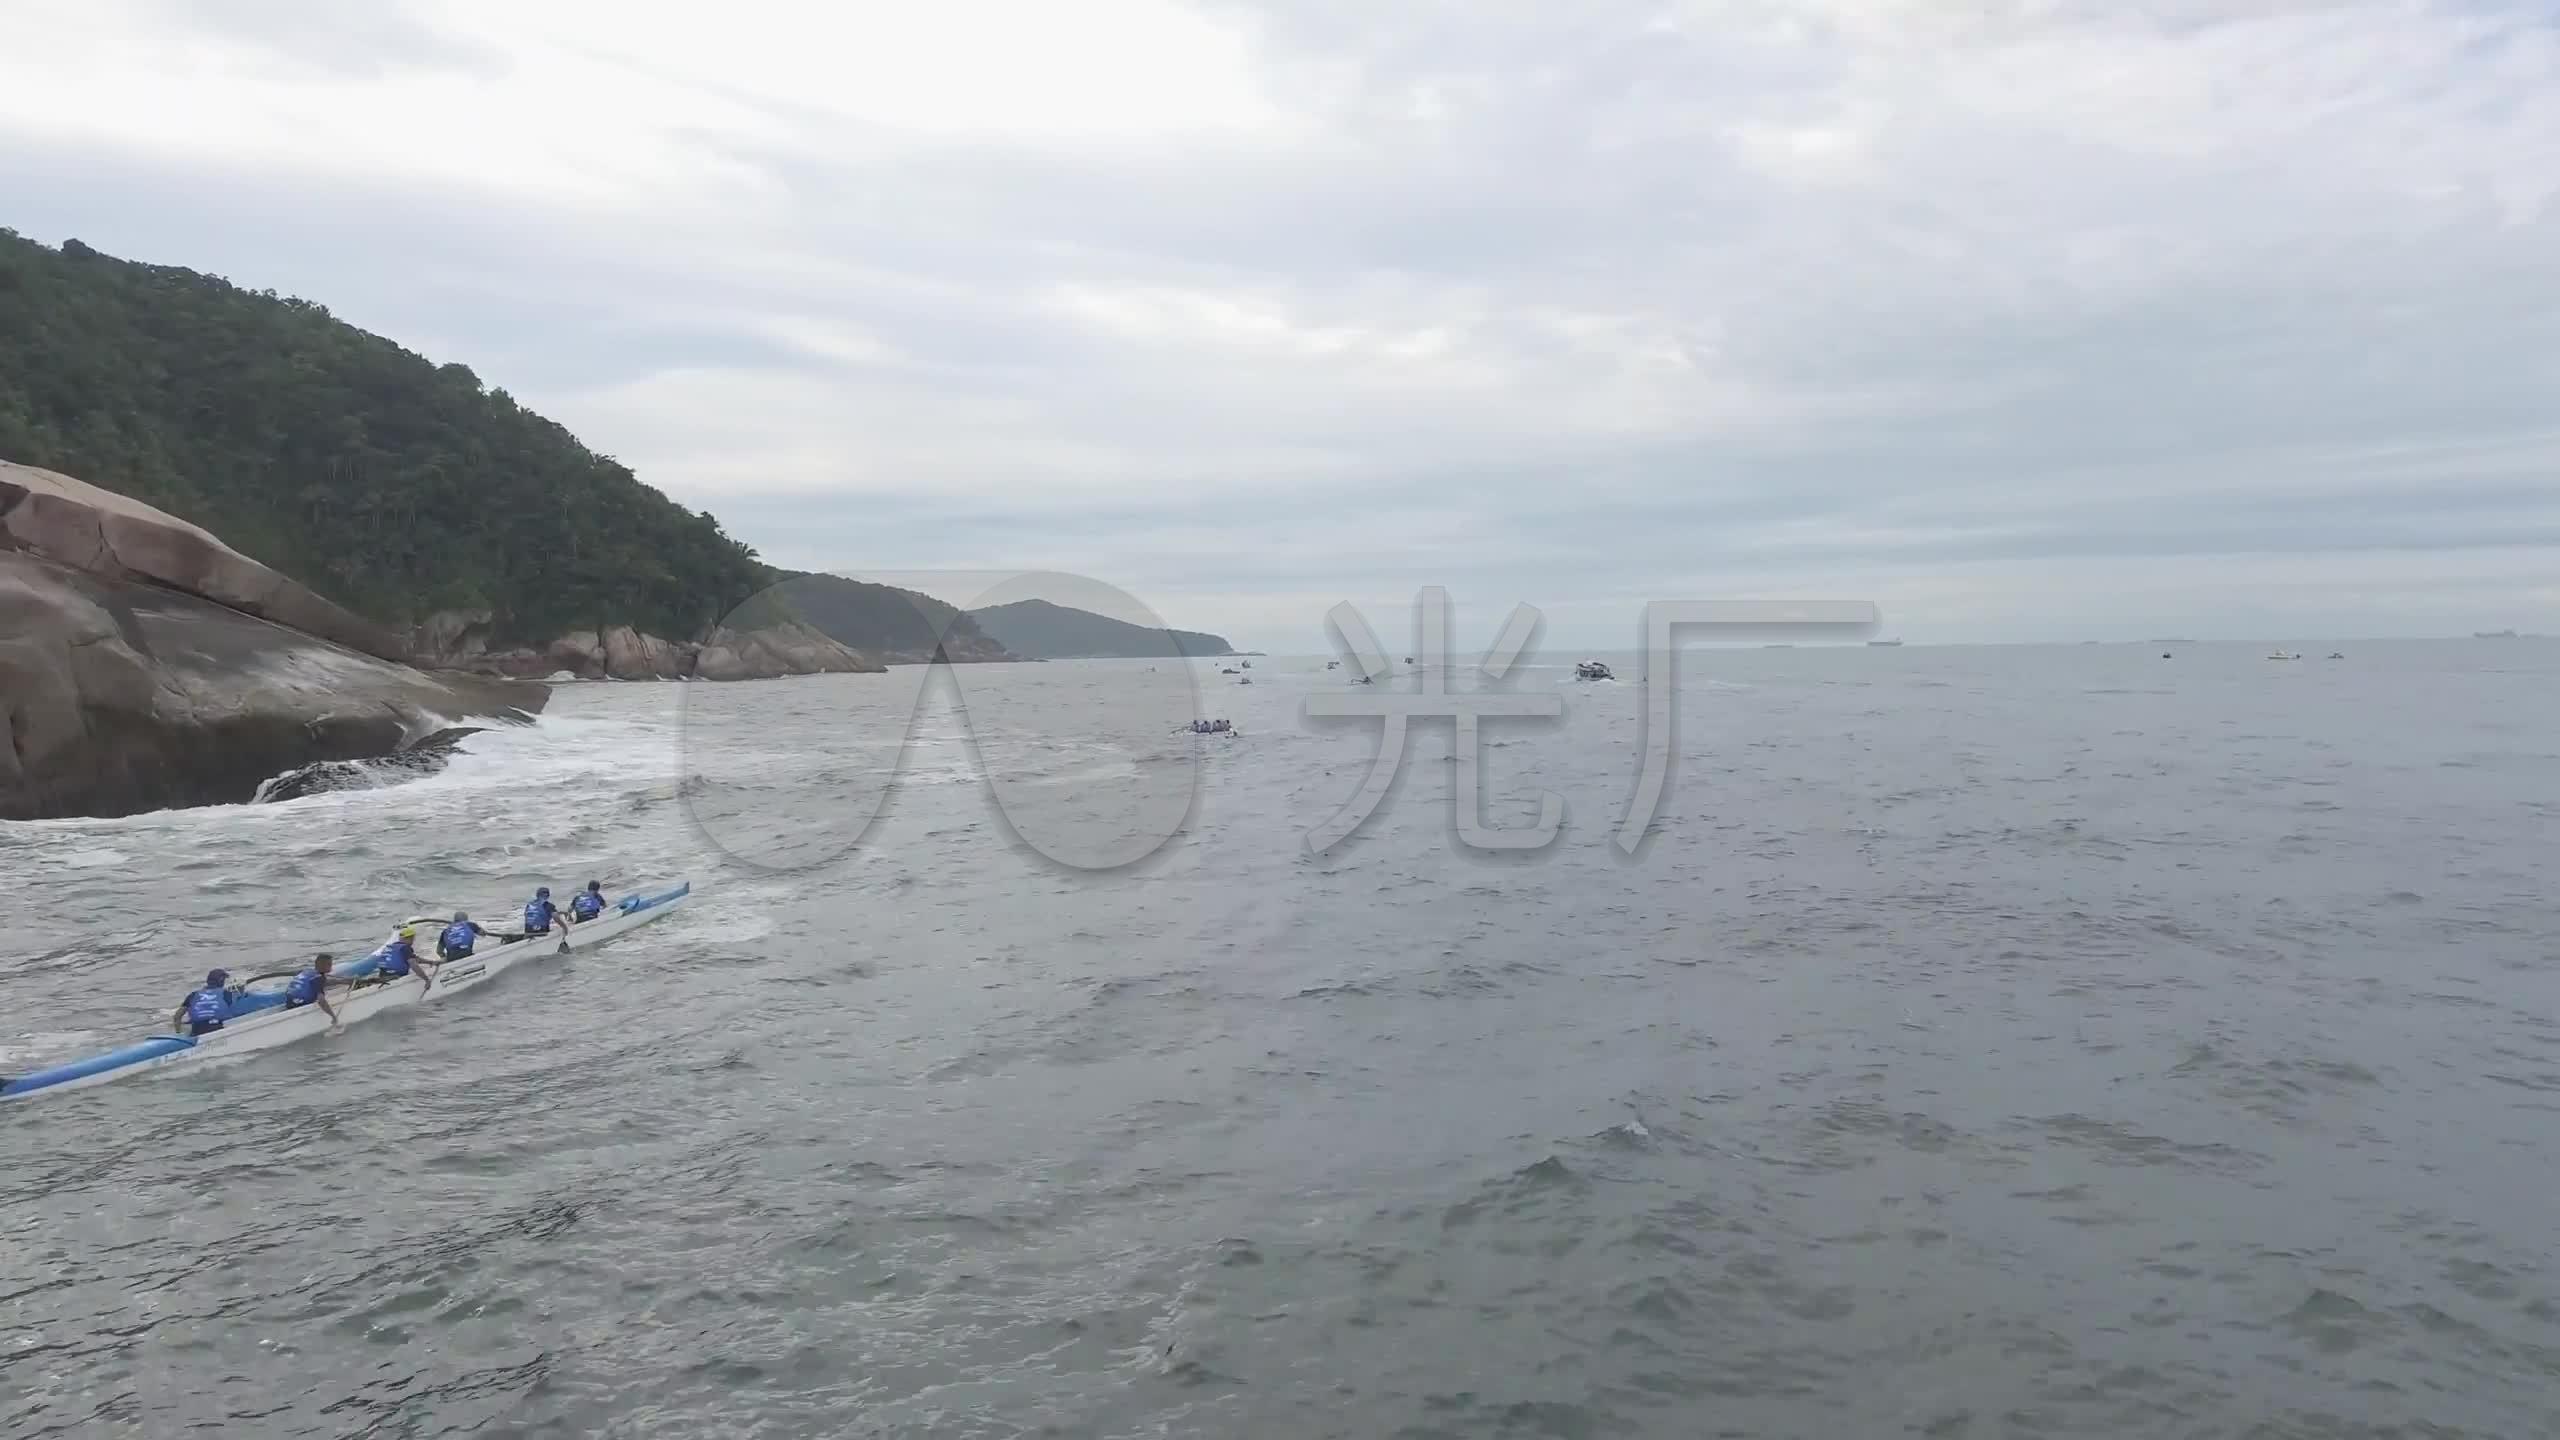 比赛历年皮划艇体育竞赛运动划桨航拍竞争_2天津市赛艇广播体操名字图片